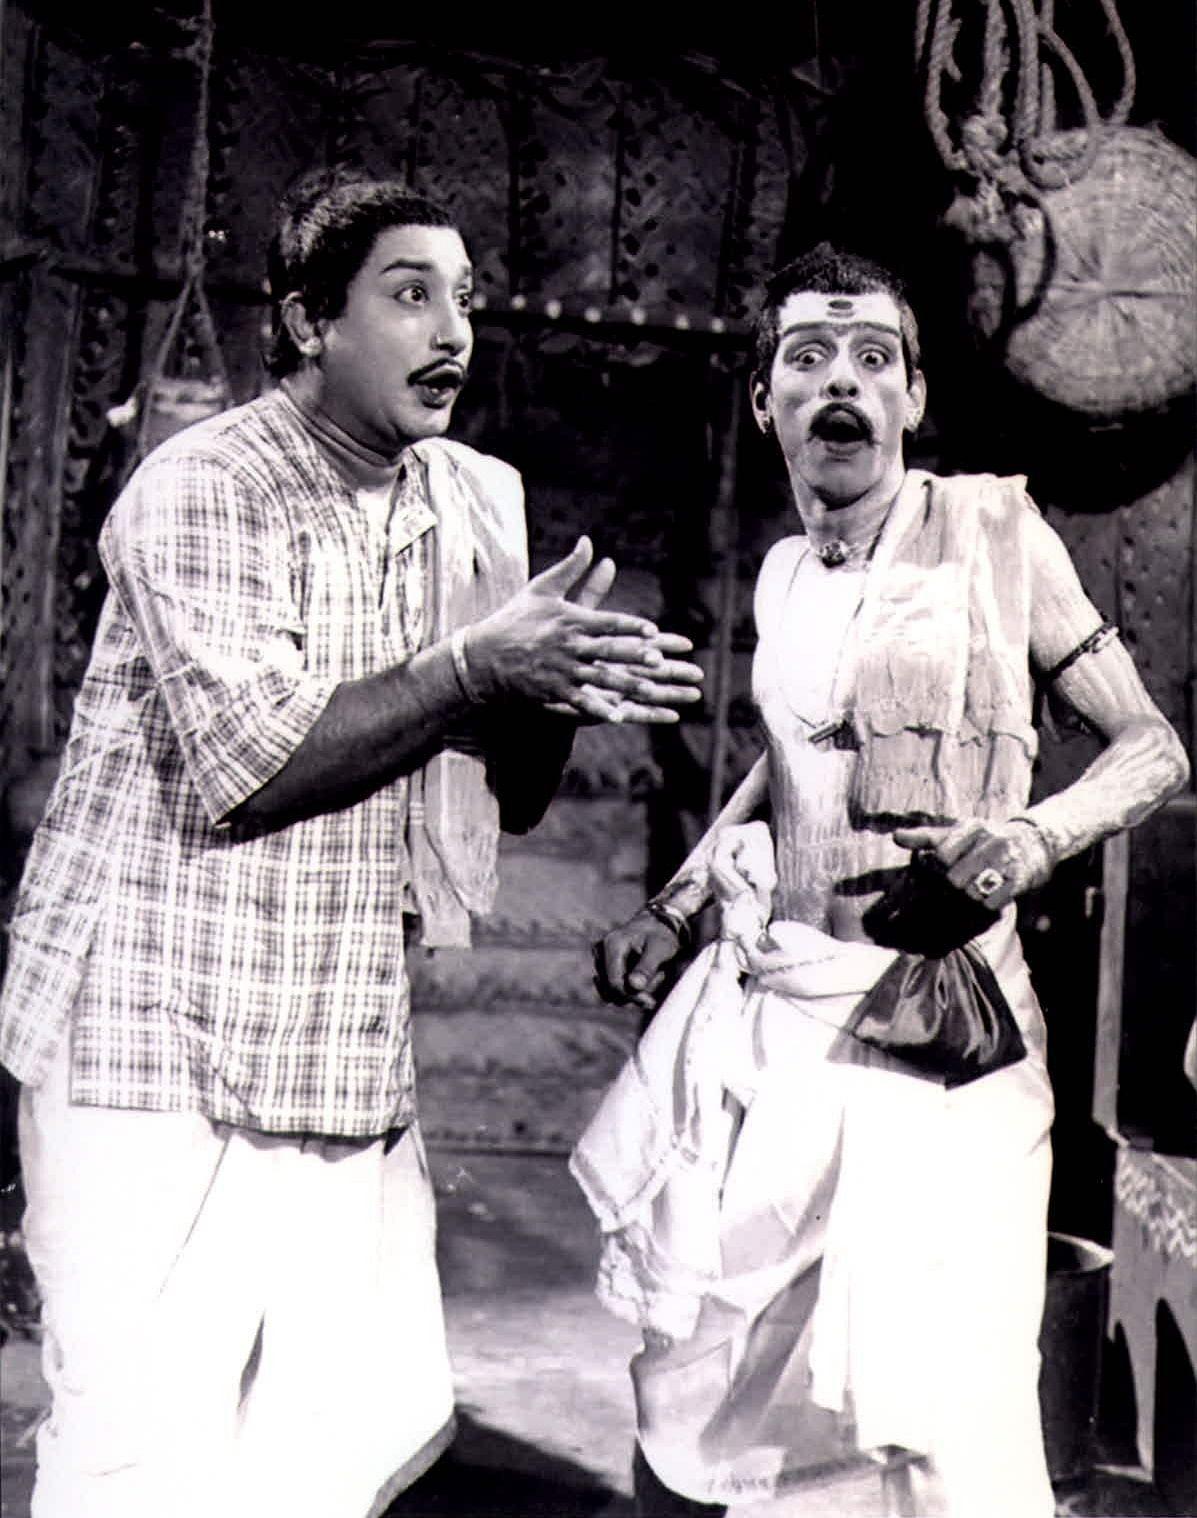 சிவாஜி கணேசன், நாகேஷ்